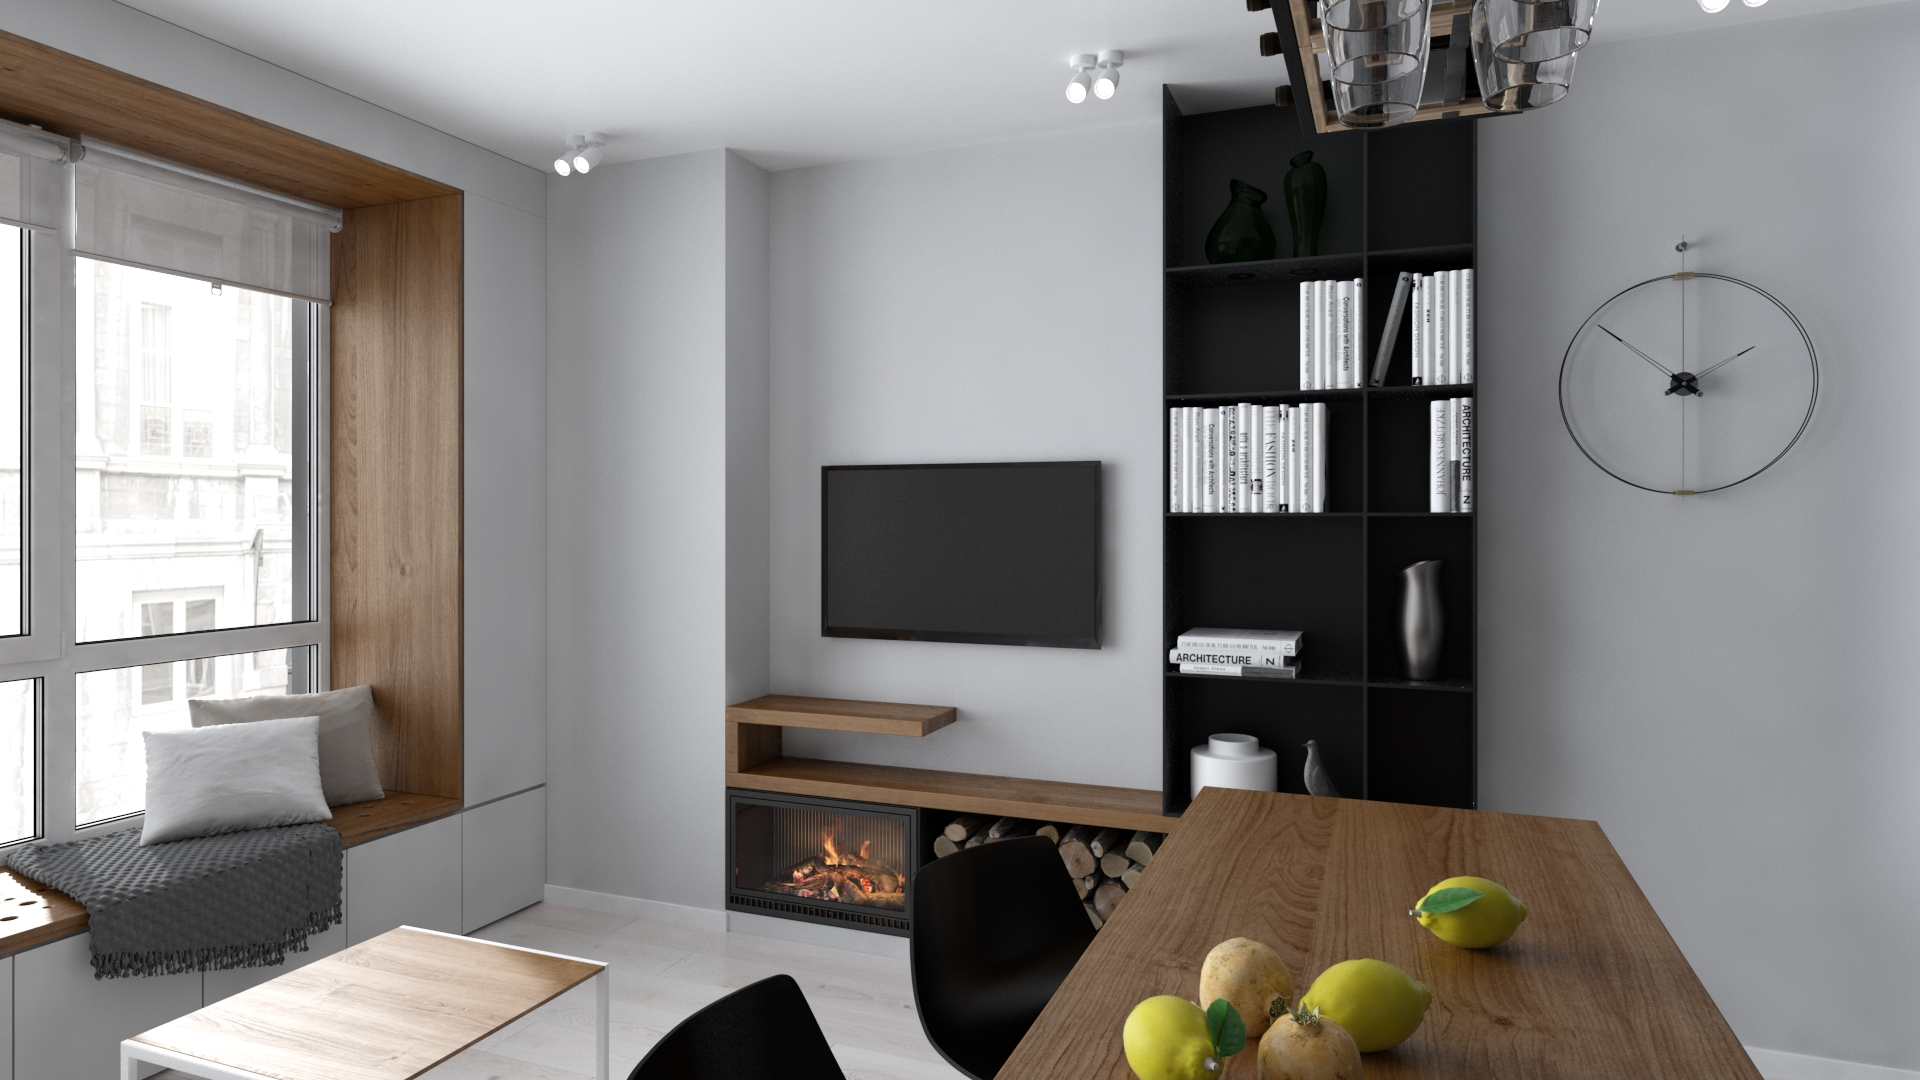 Изображение гостиной в мягком минималистичном дизайне